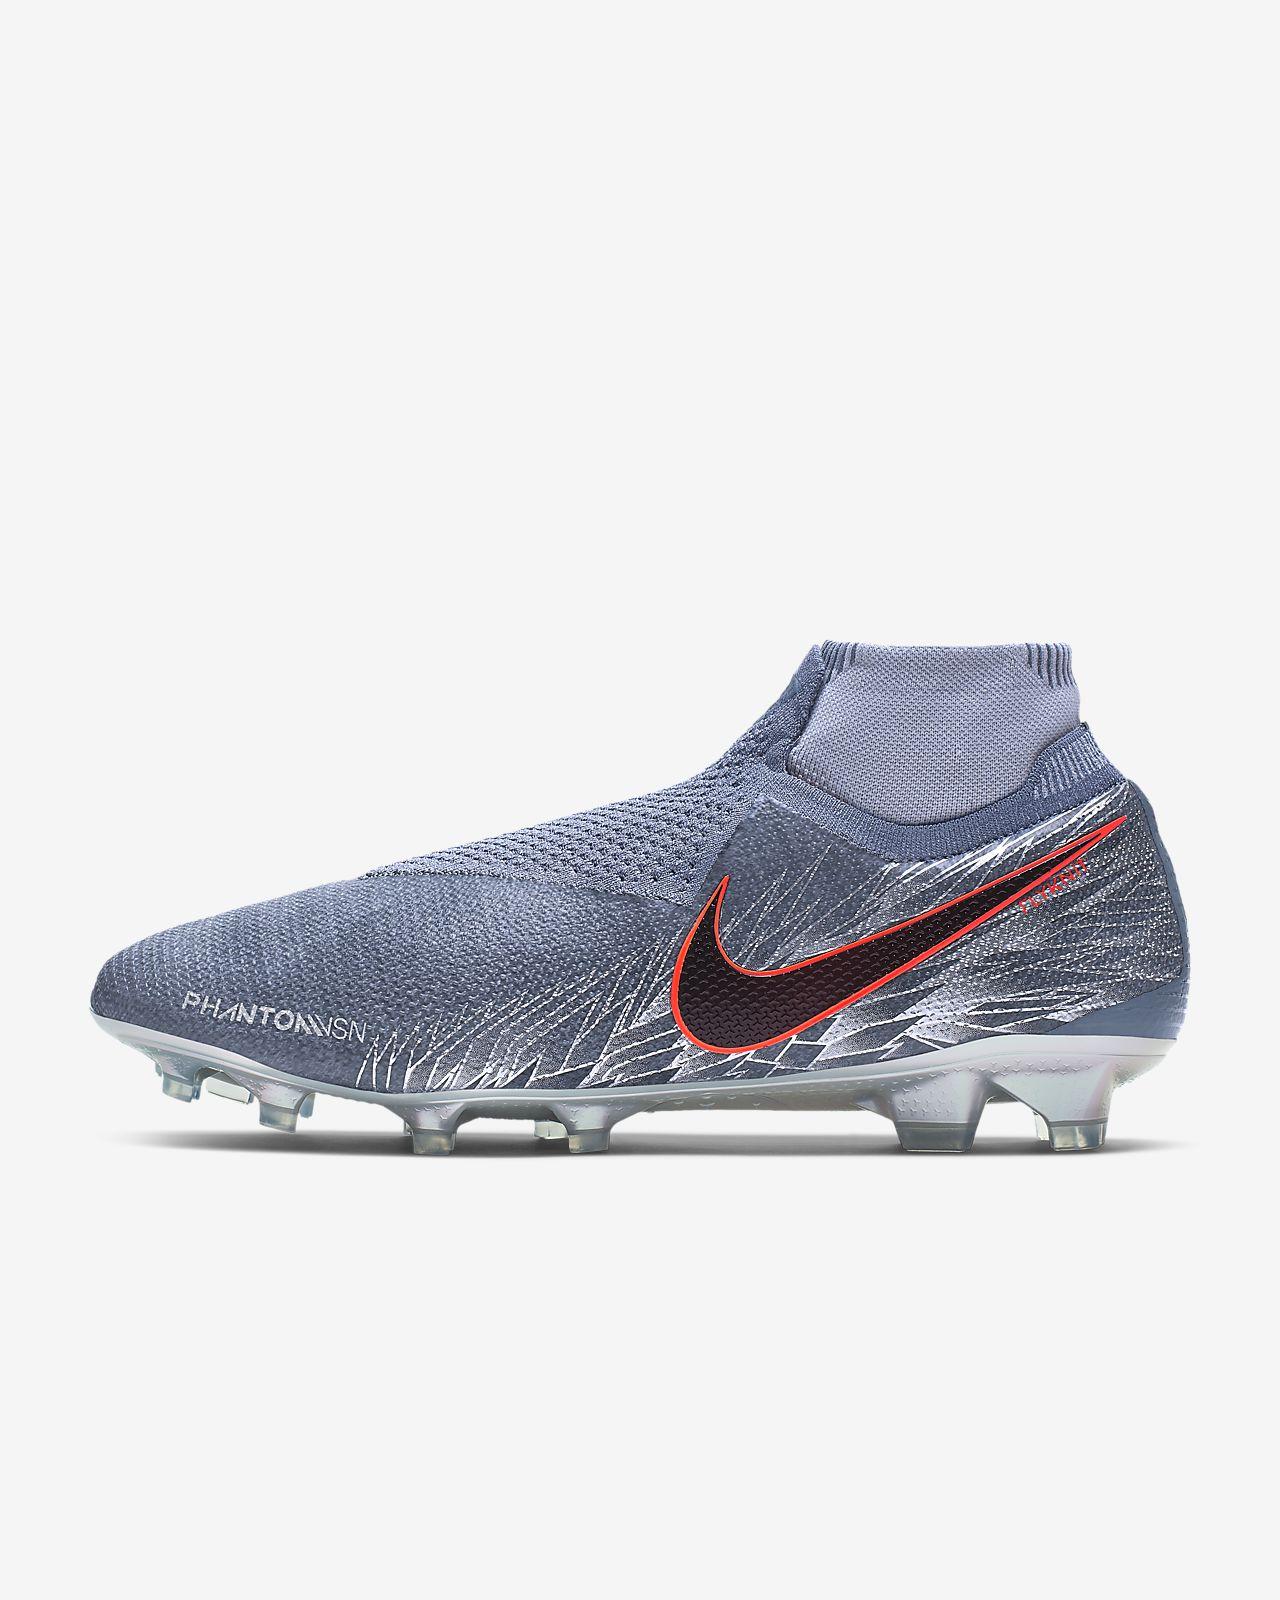 De Elite Fit Phantom Vision Pour À Crampons Football Terrain Sec Nike Fg Chaussure Dynamic Y76gvfby